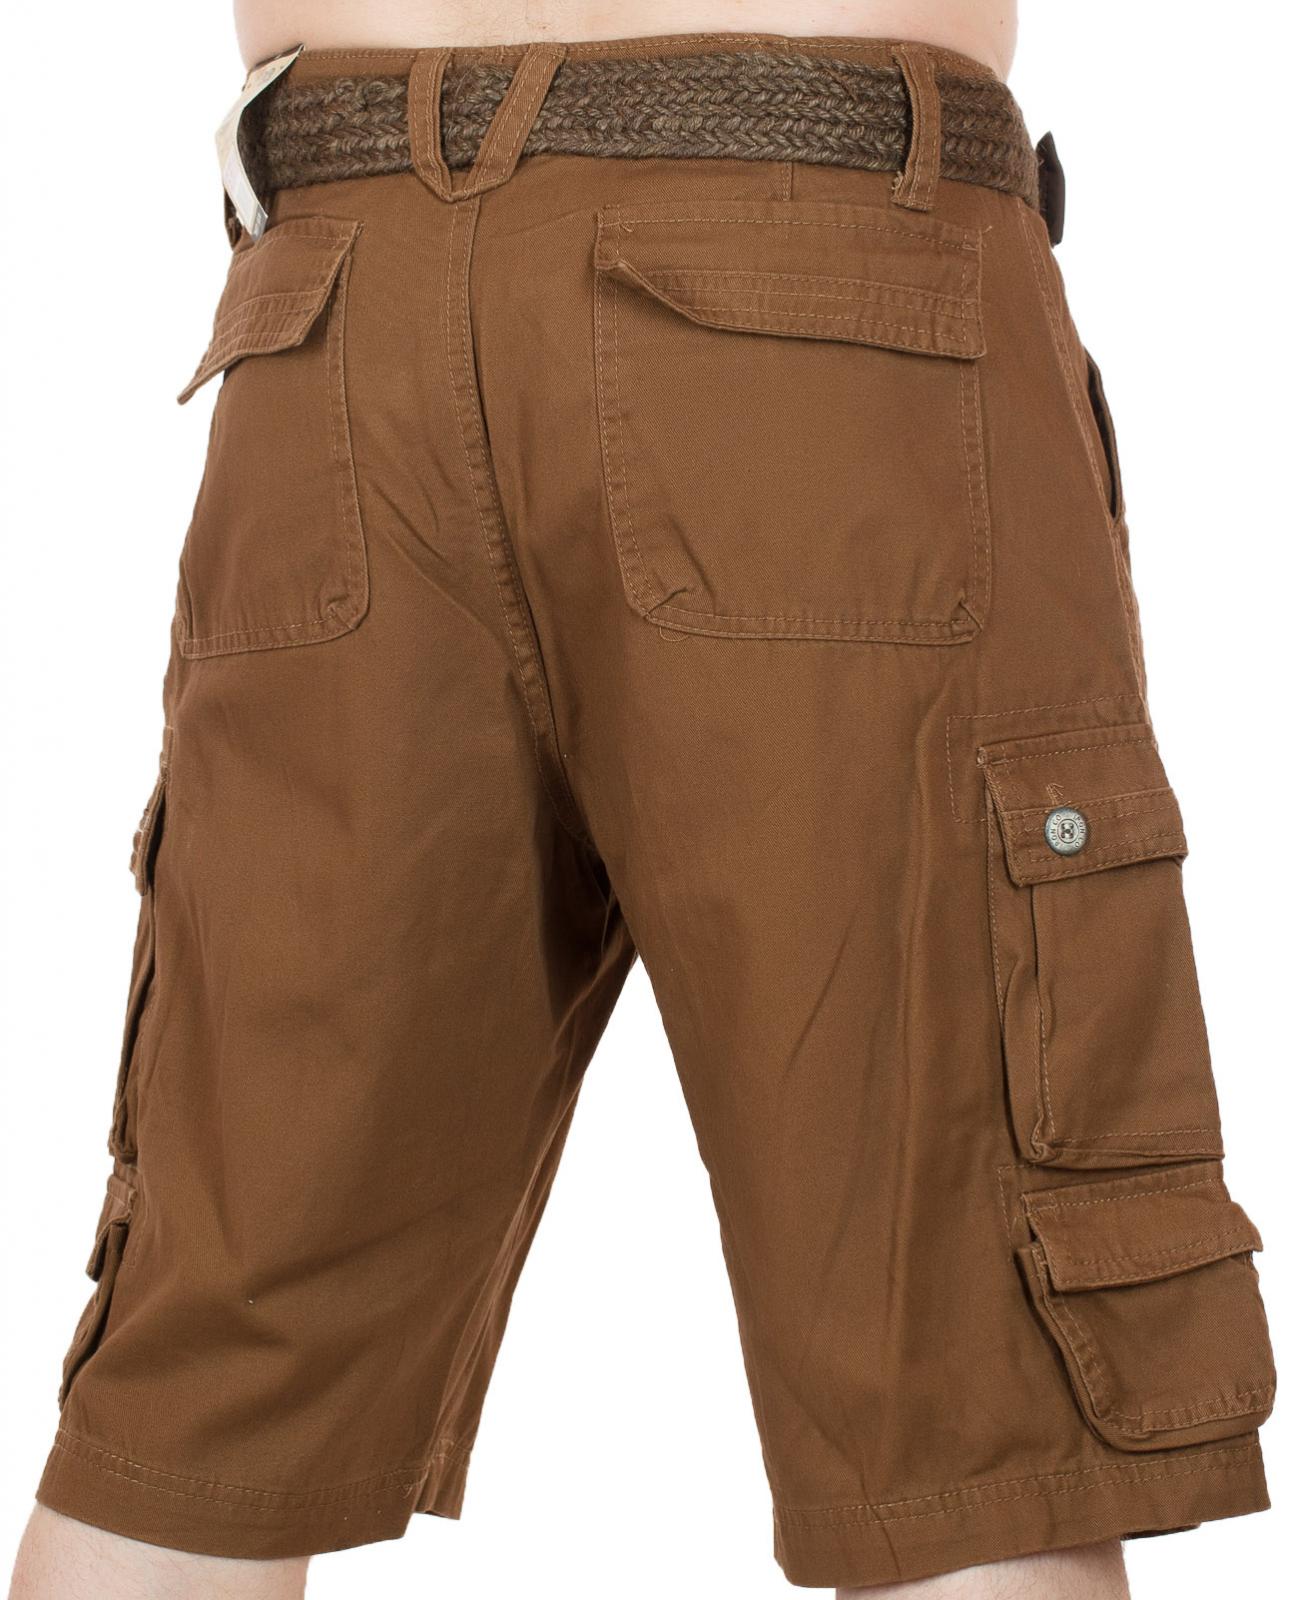 Заказать брендовые шорты мужские (Iron Co., США)